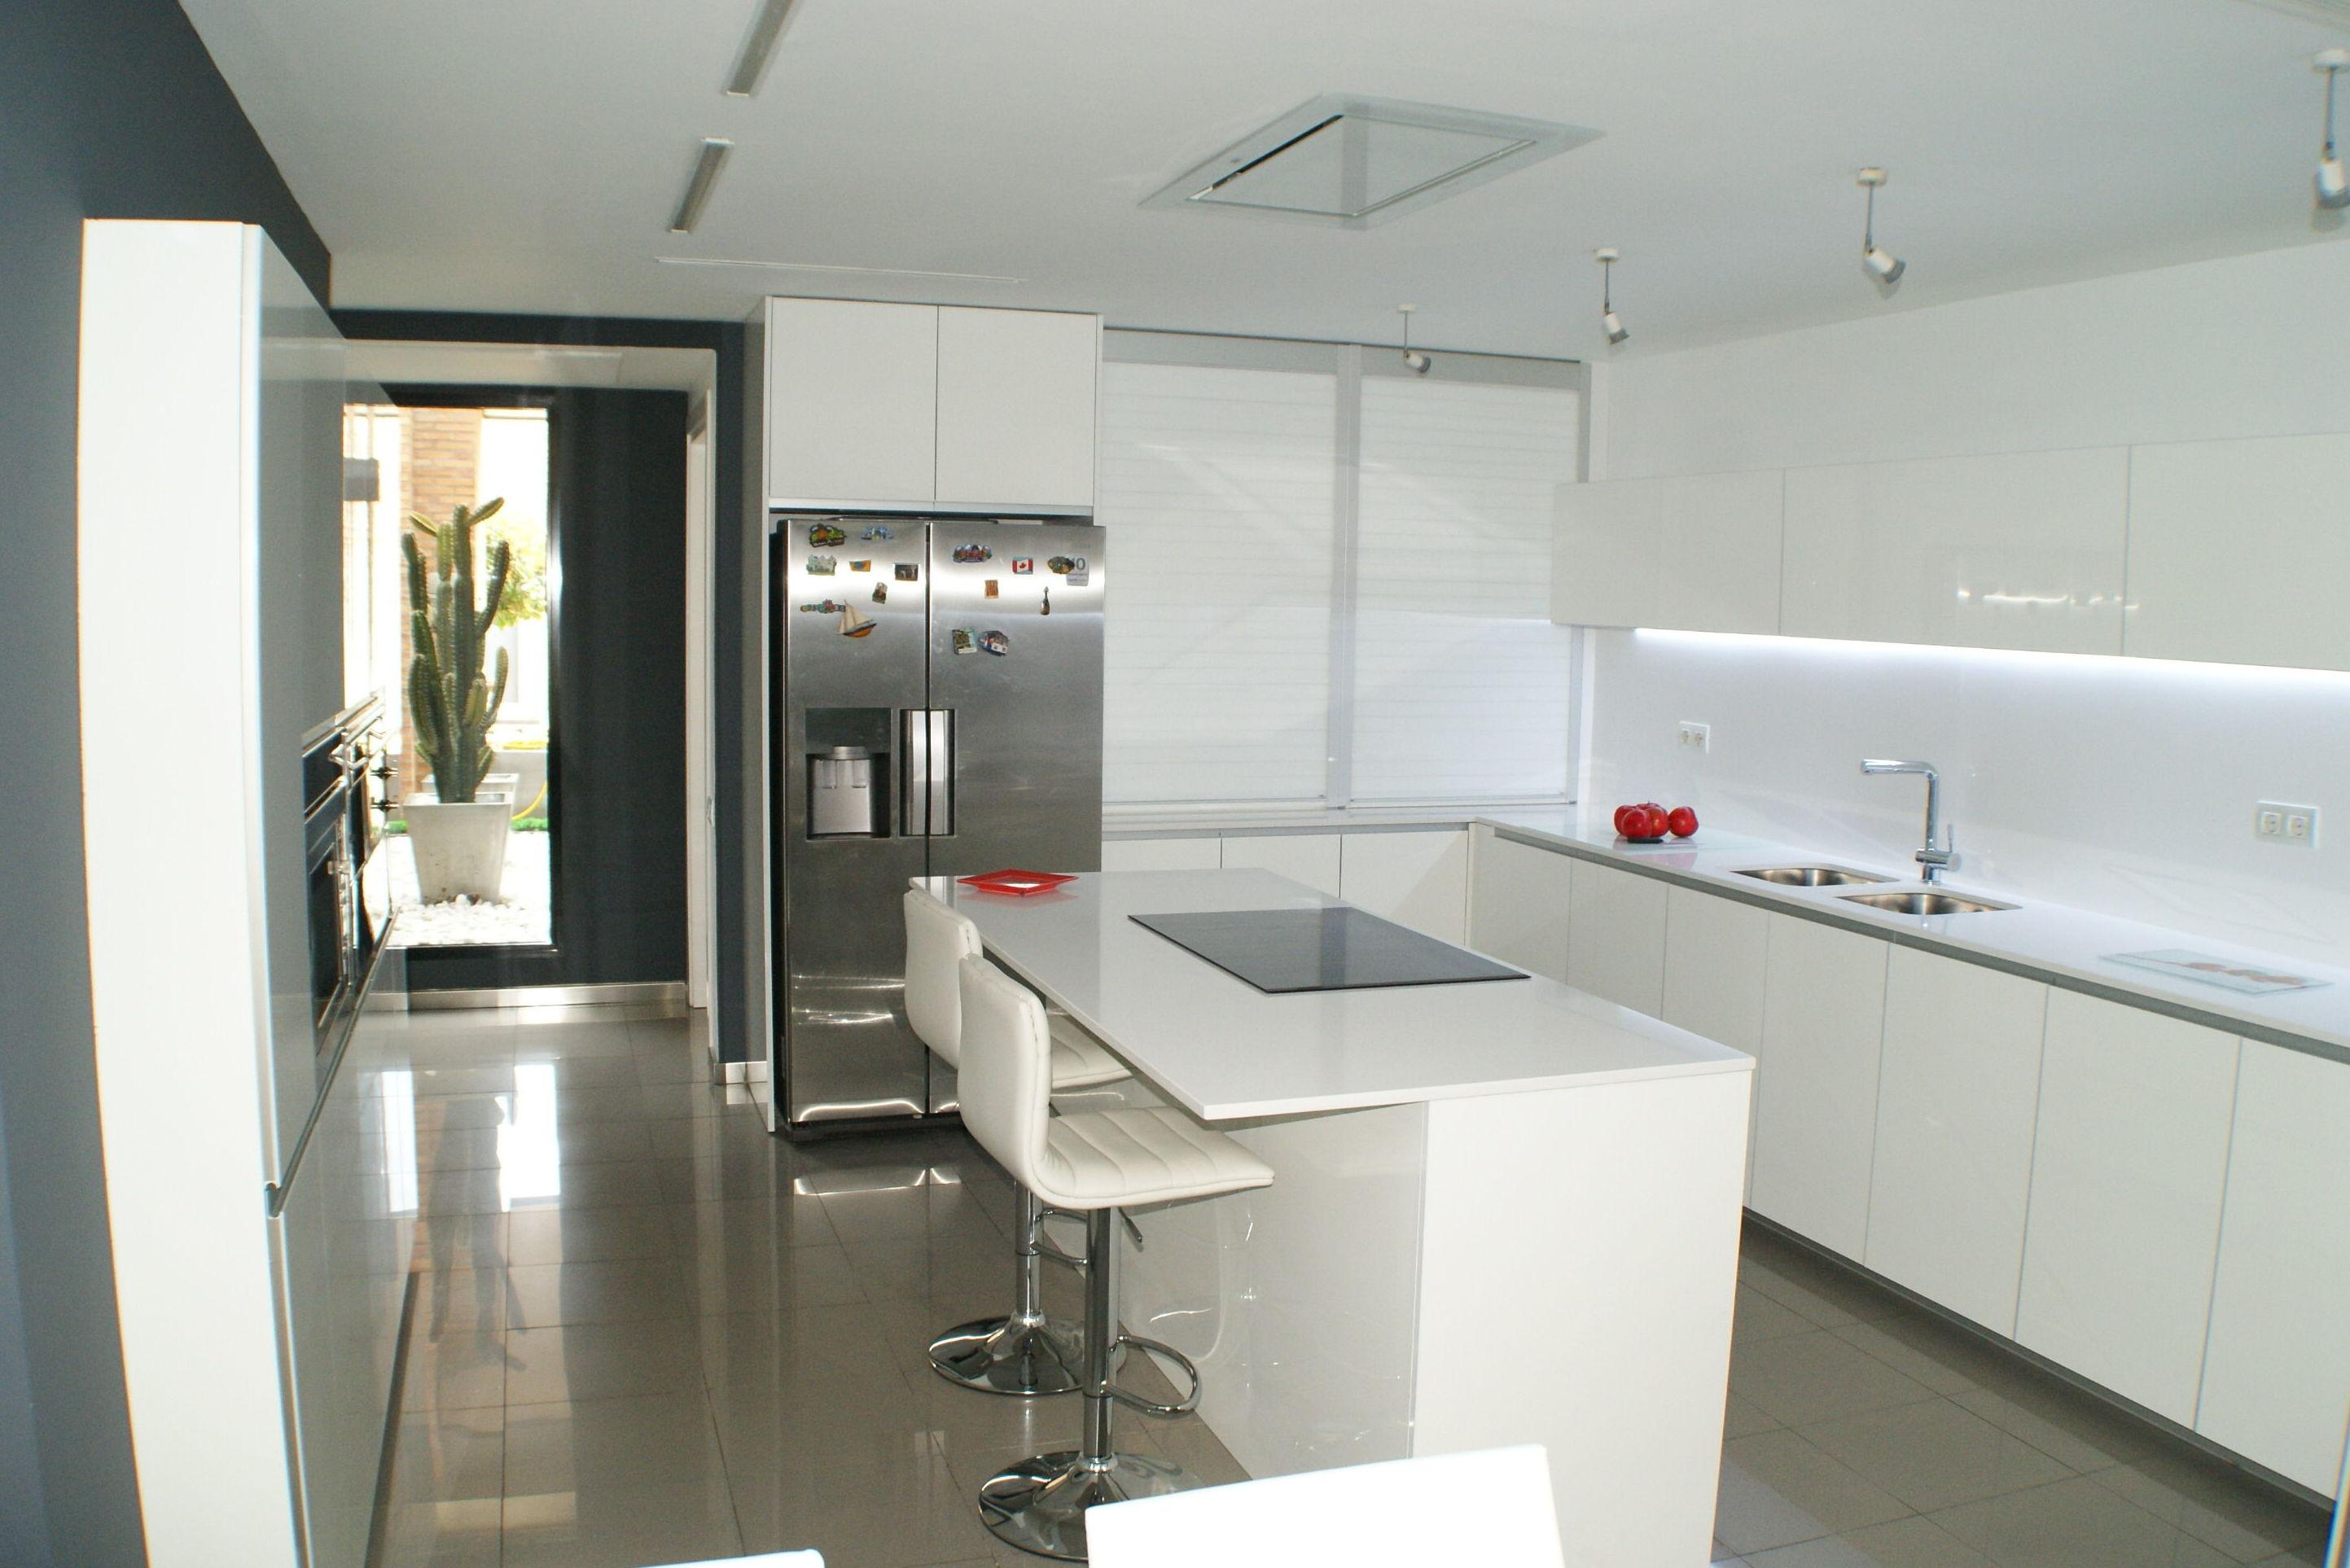 Muebles de Cocina - Proyecto realizado en pozuelo: PROYECTOS REALIZADOS de Diseño Cocinas MC